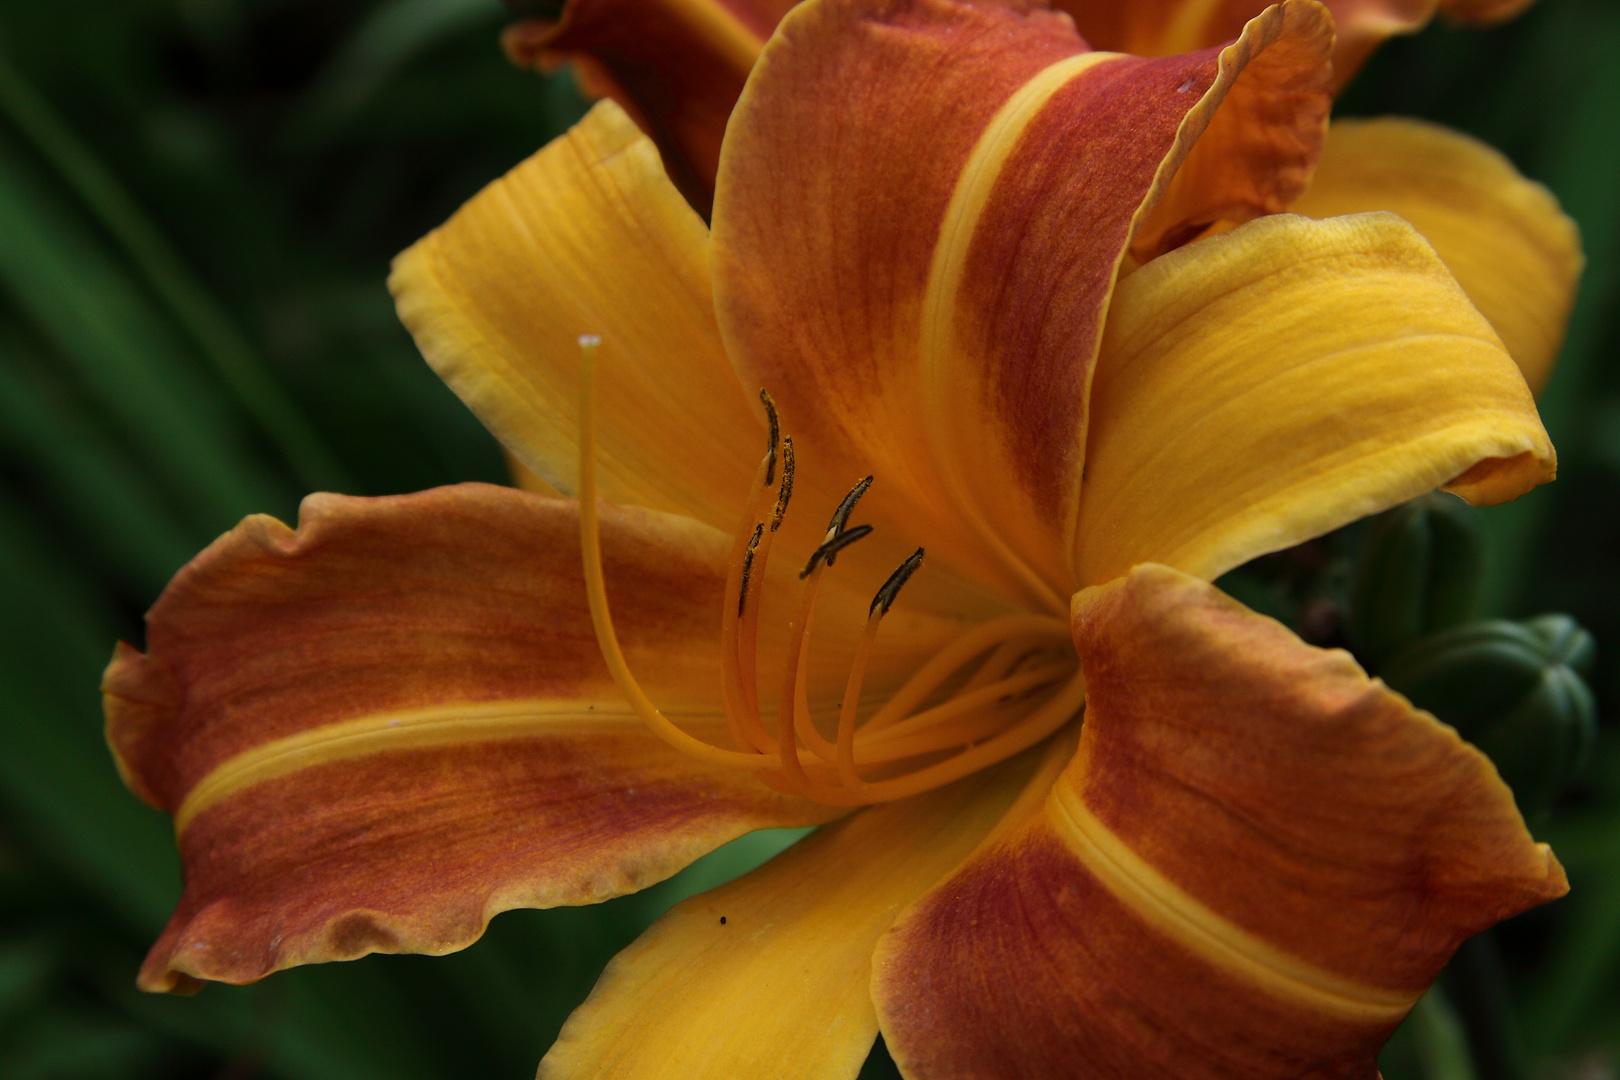 Gelb-orange Lilie...